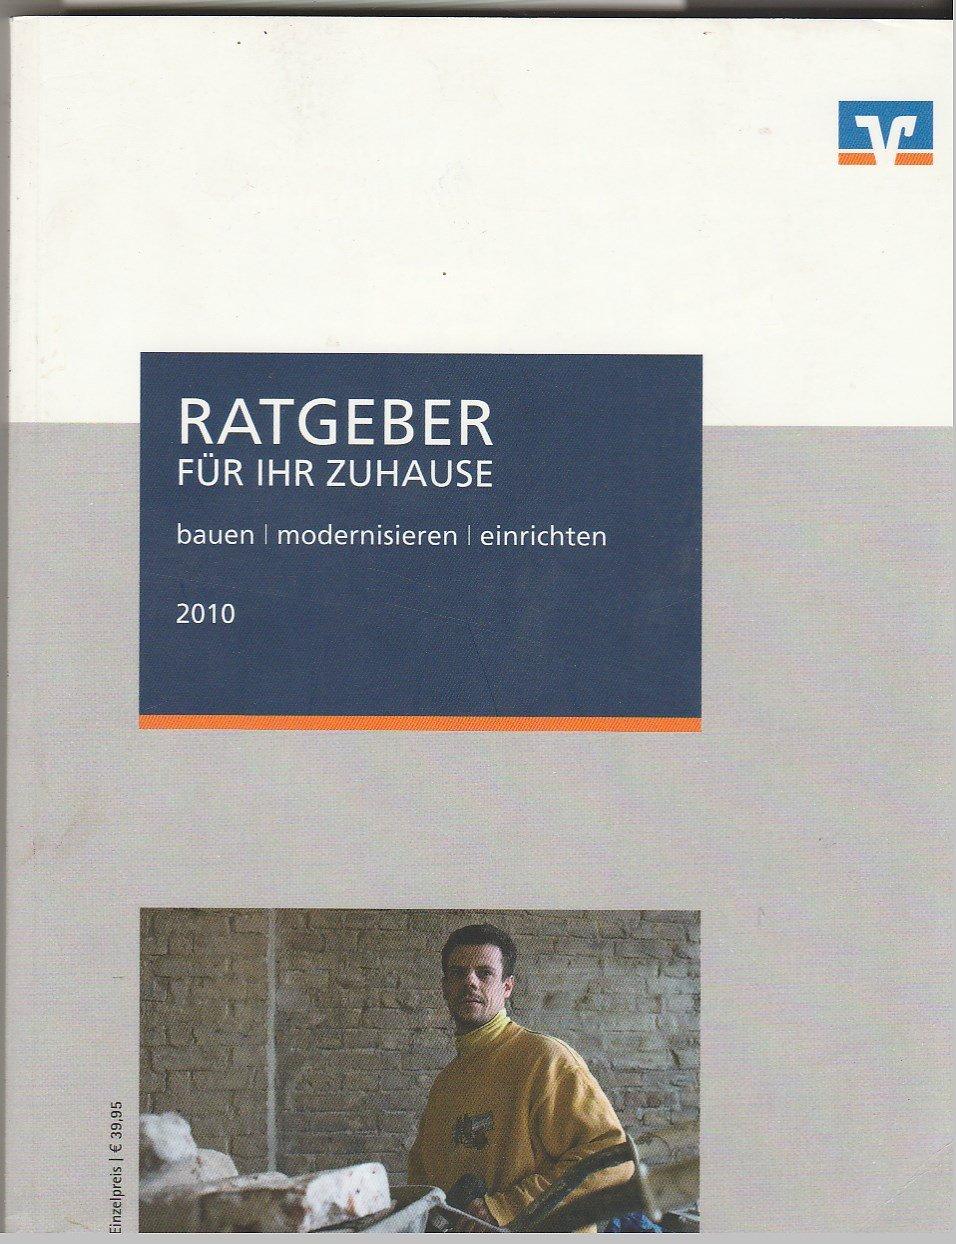 Ratgeber Für Ihr Zuhause Buch Gebraucht Kaufen A02cevxe01zzn